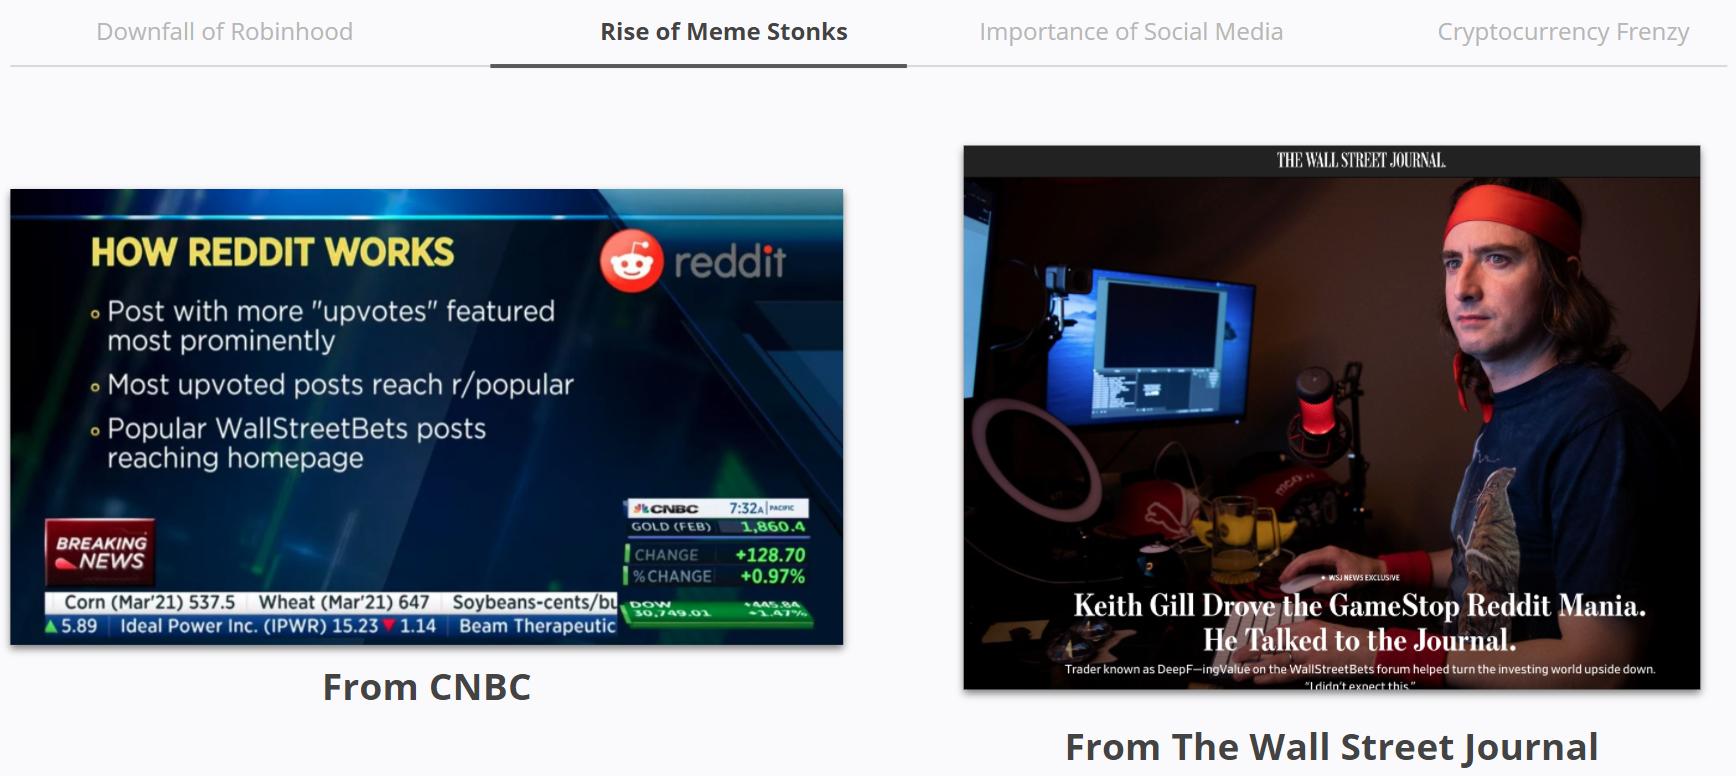 Rise of Meme Stonks - How Reddit Works